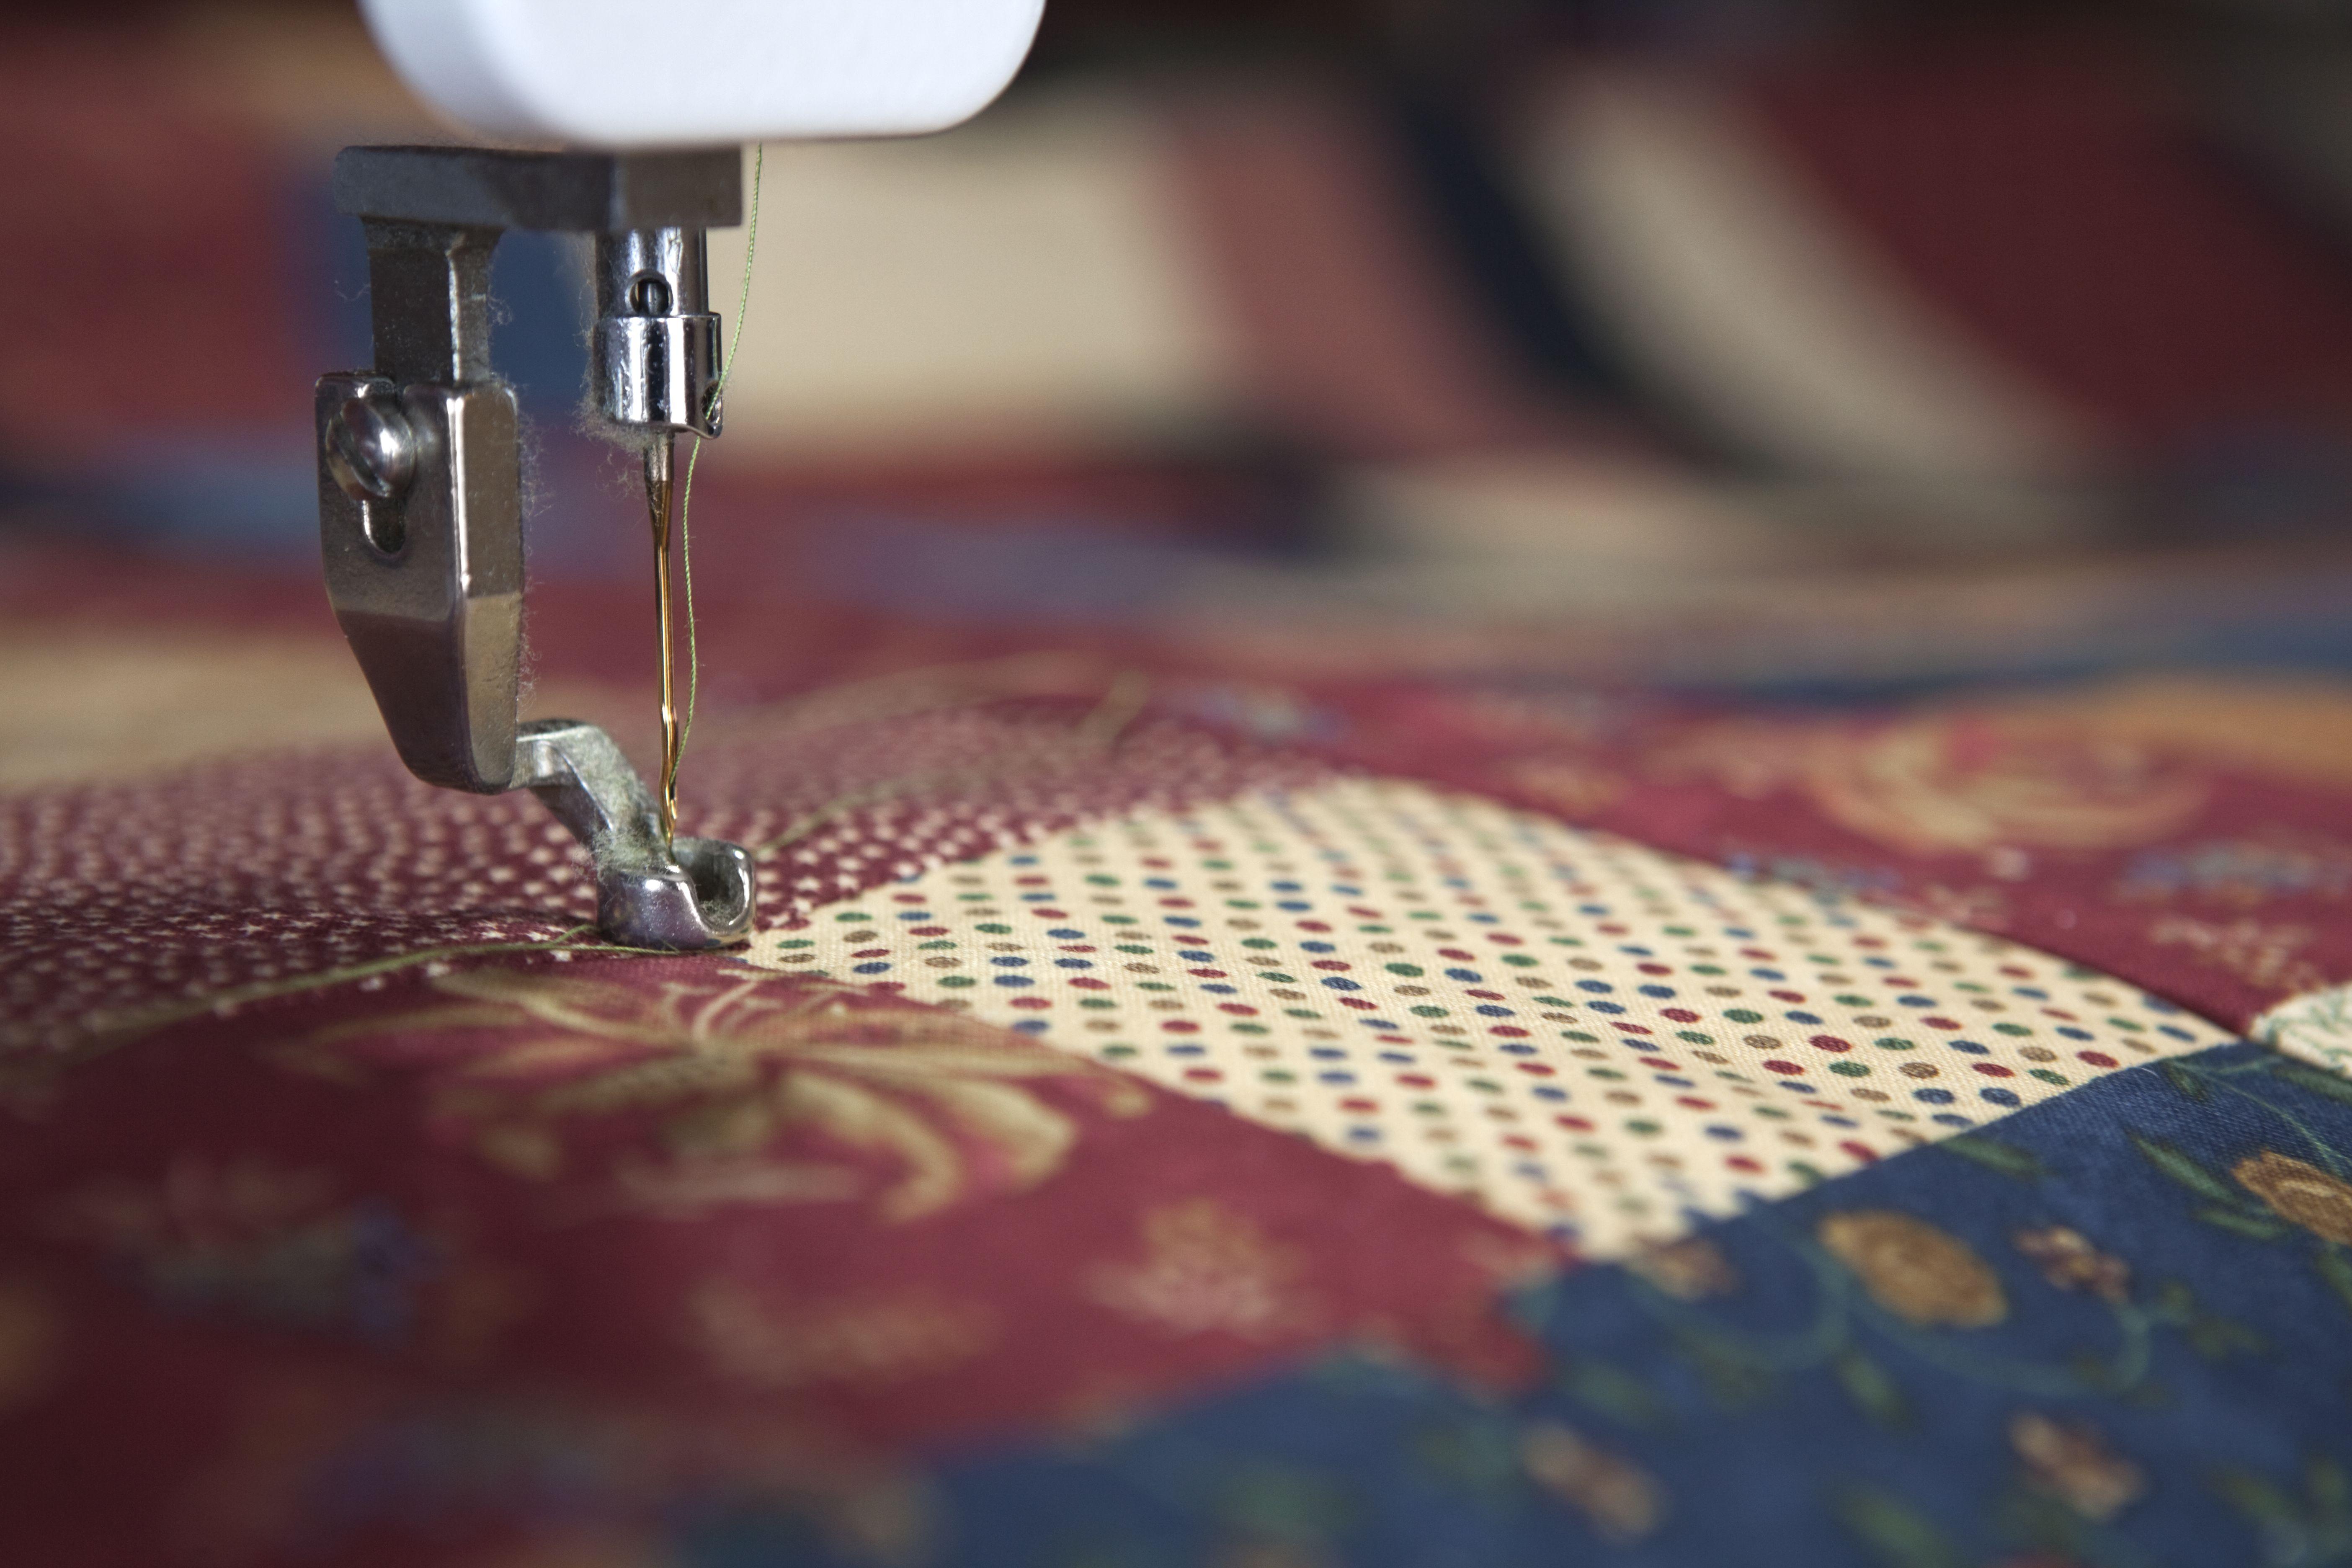 Confección del textil hogar en El Eixample, Barcelona